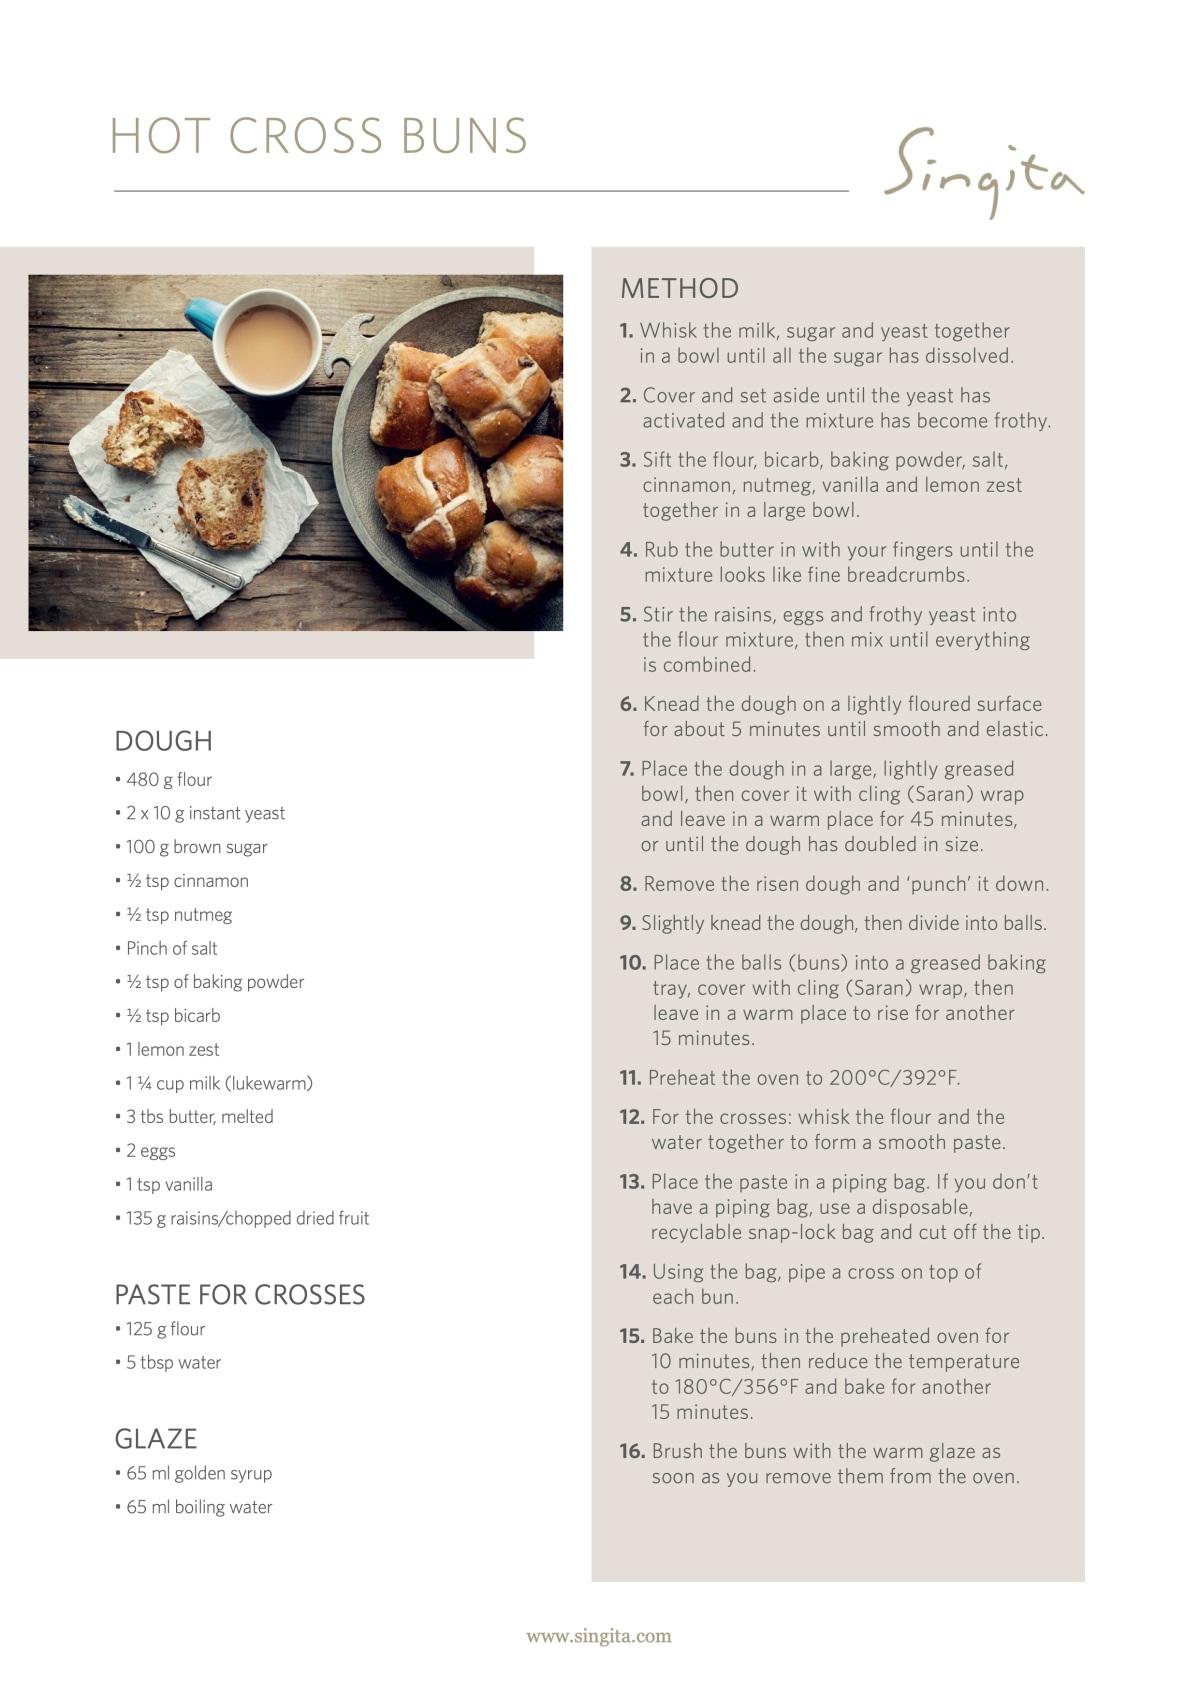 Singita-Easter-recipe-Hot-Cross-Buns